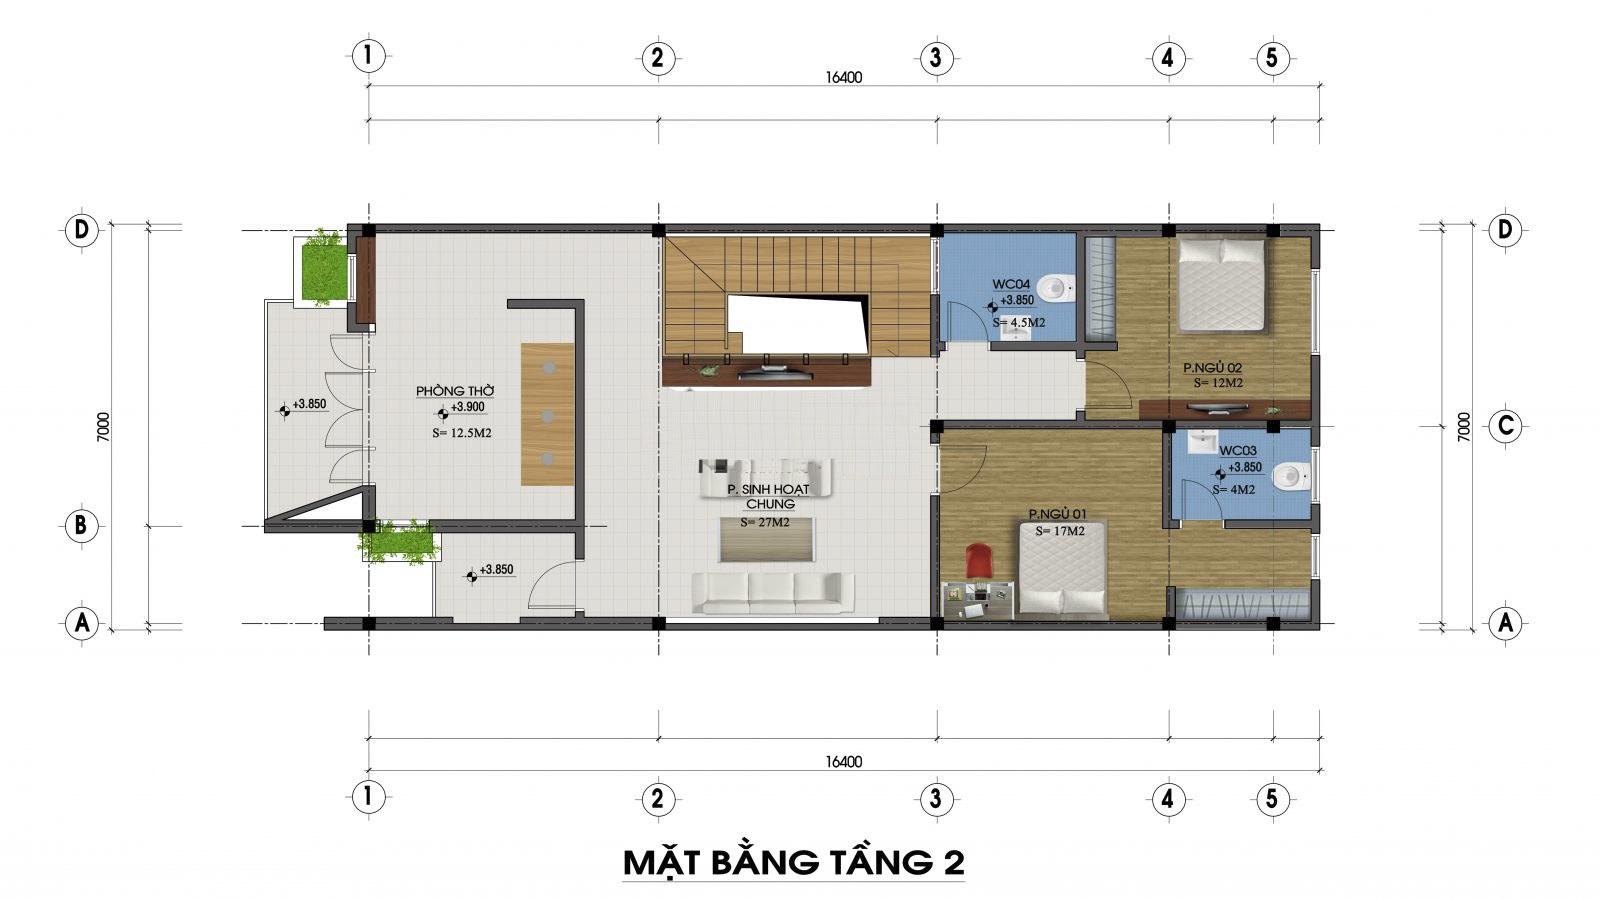 Mặt bằng tầng 2 mẫu nhà 2 tầng mặt tiền 7m